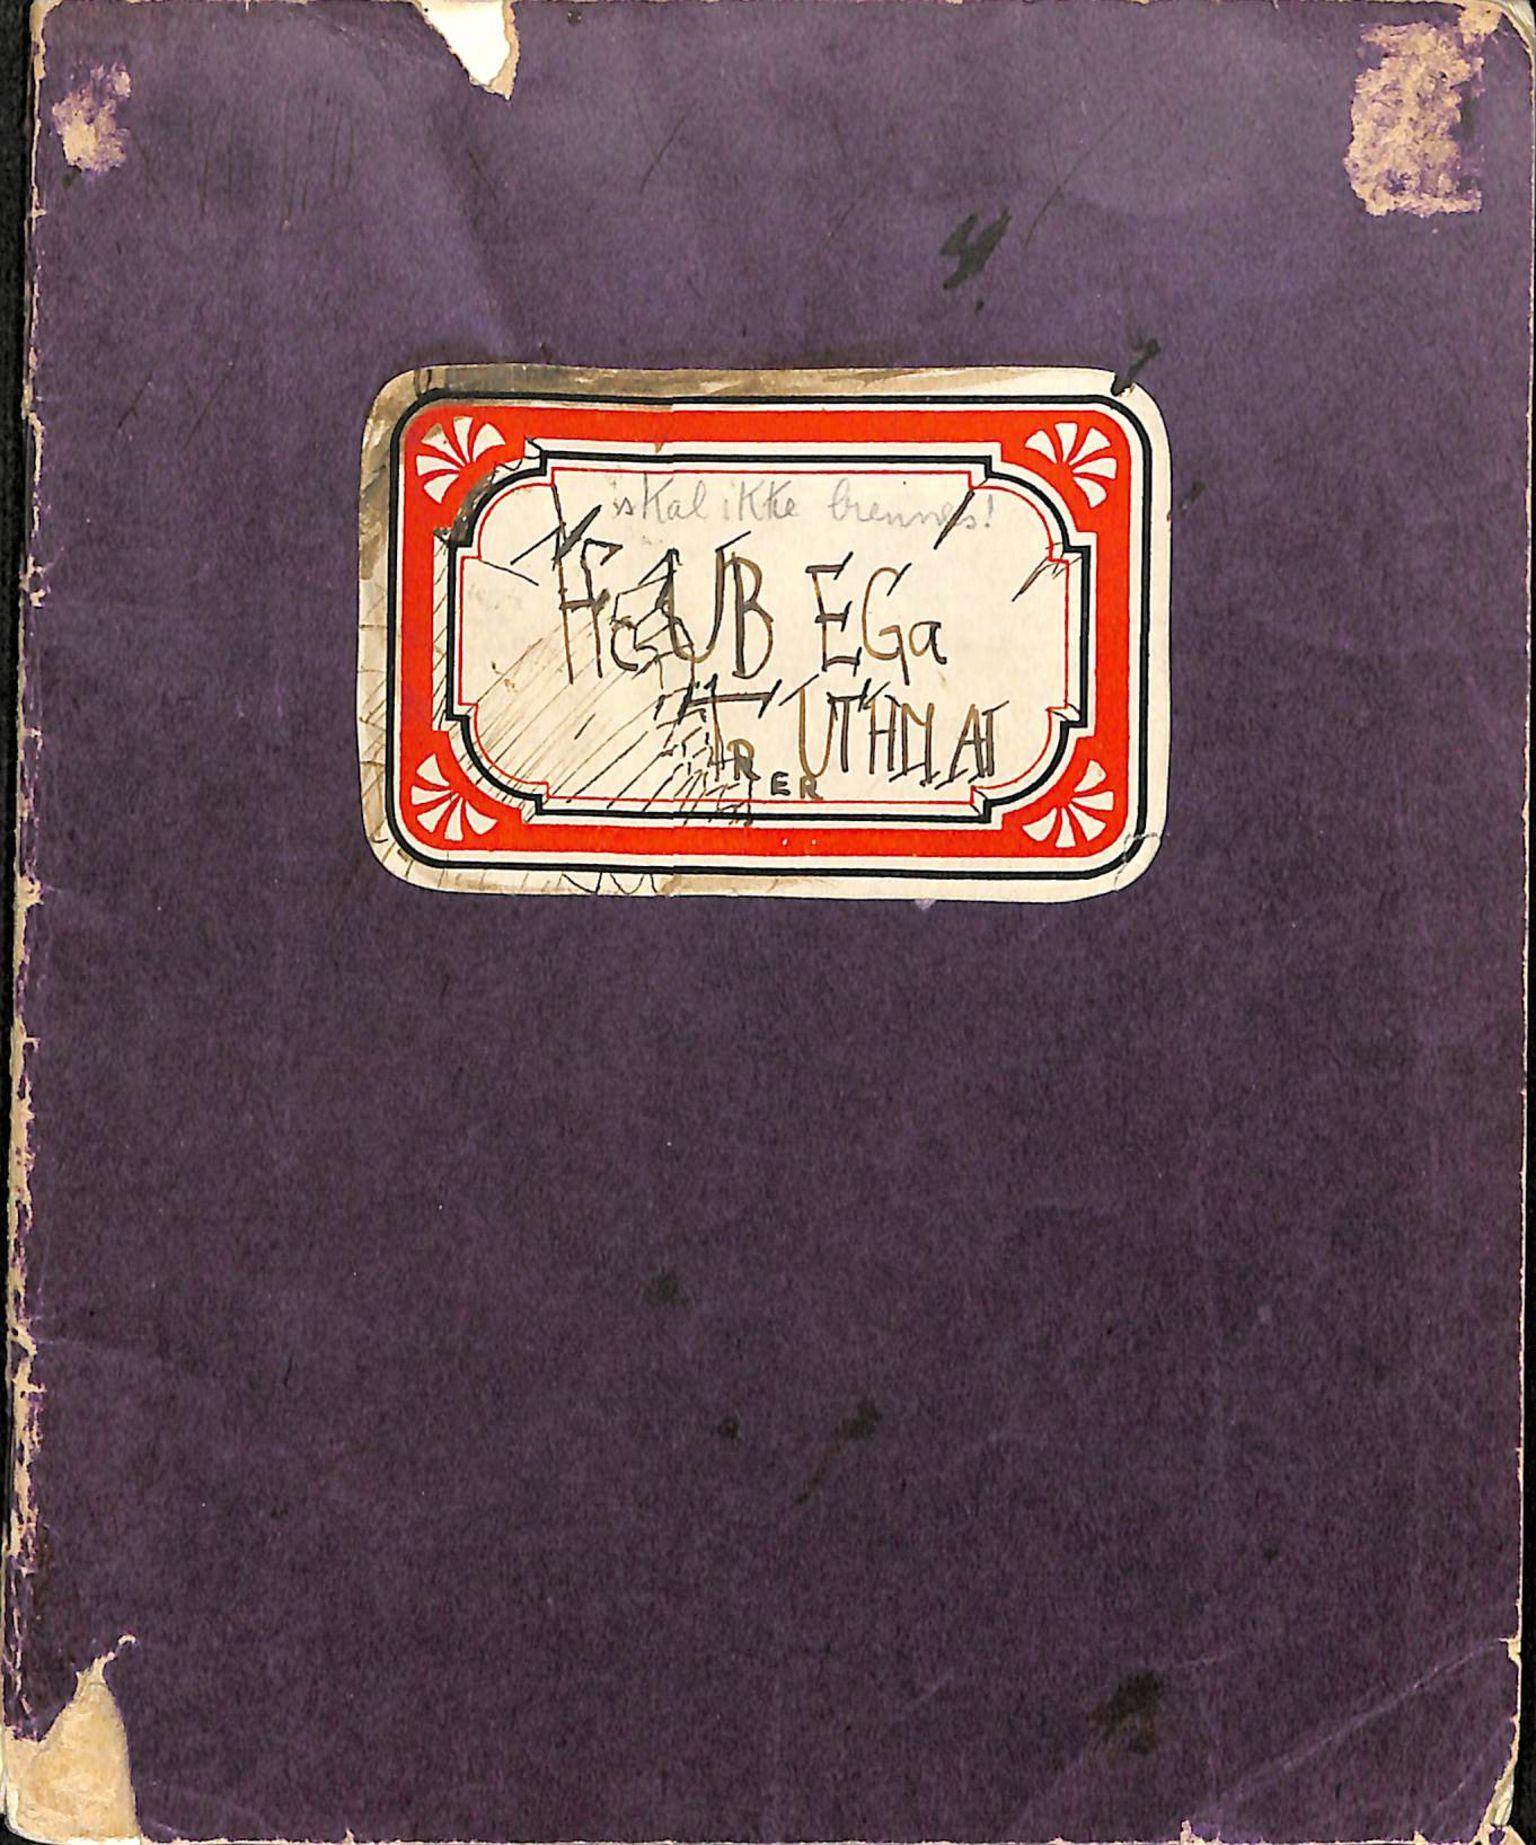 HL, Maier, Ruth, G, 1938